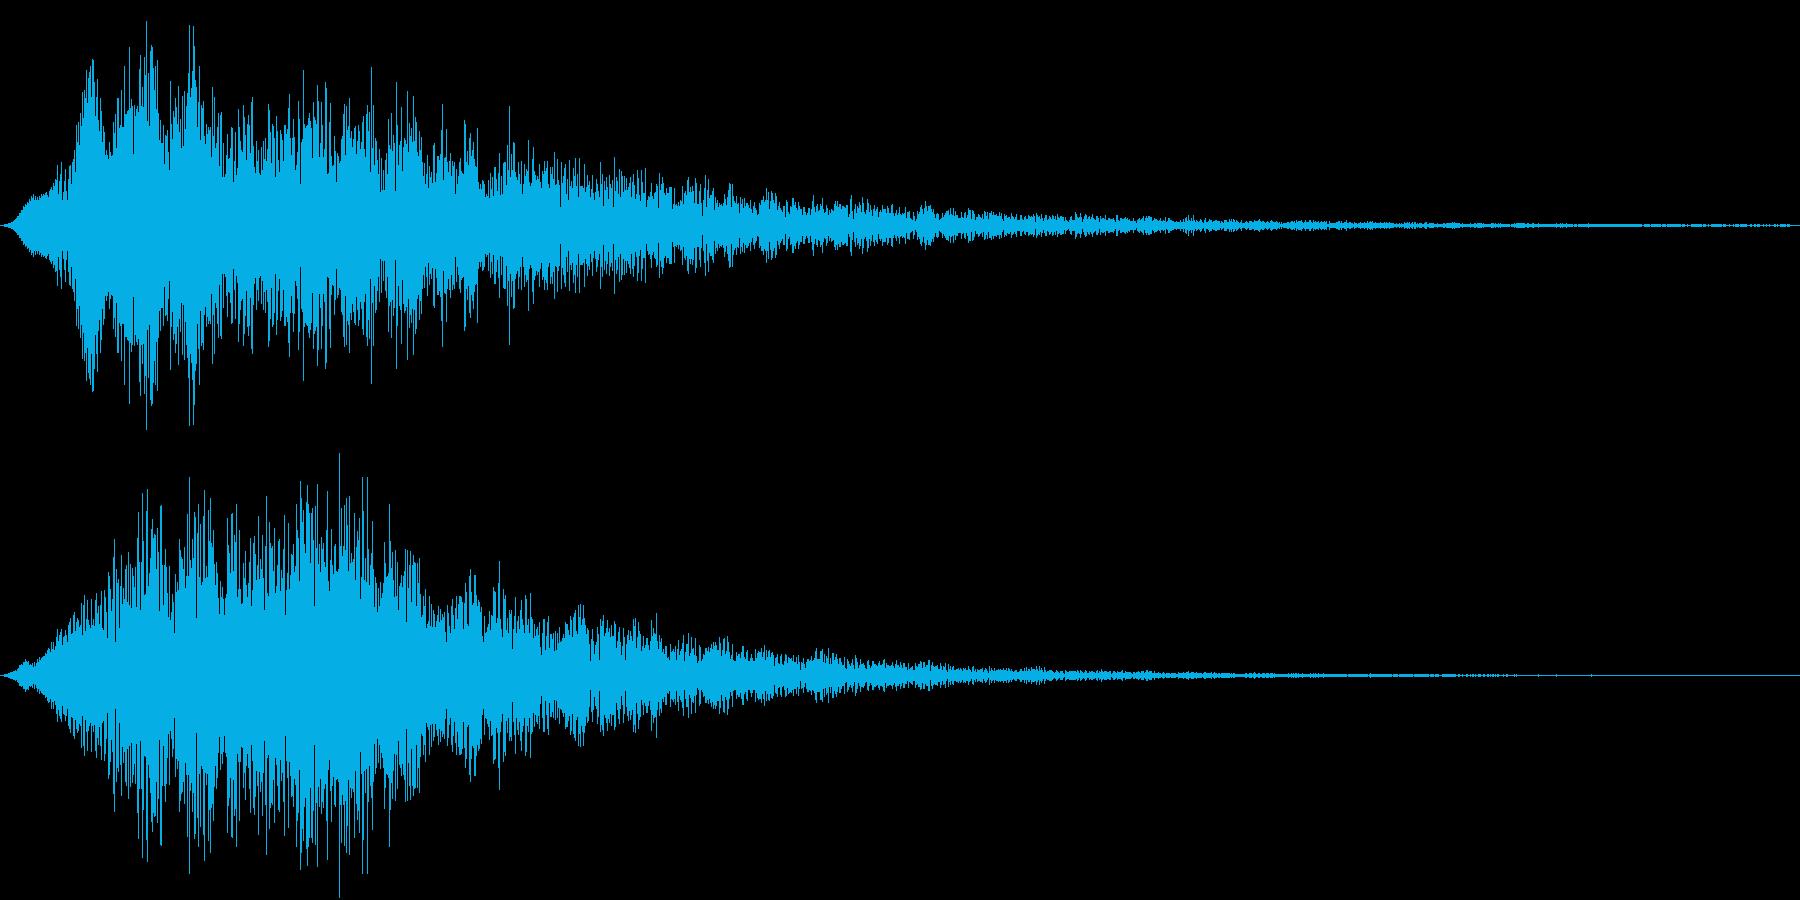 決定音(Synth Pad)の再生済みの波形